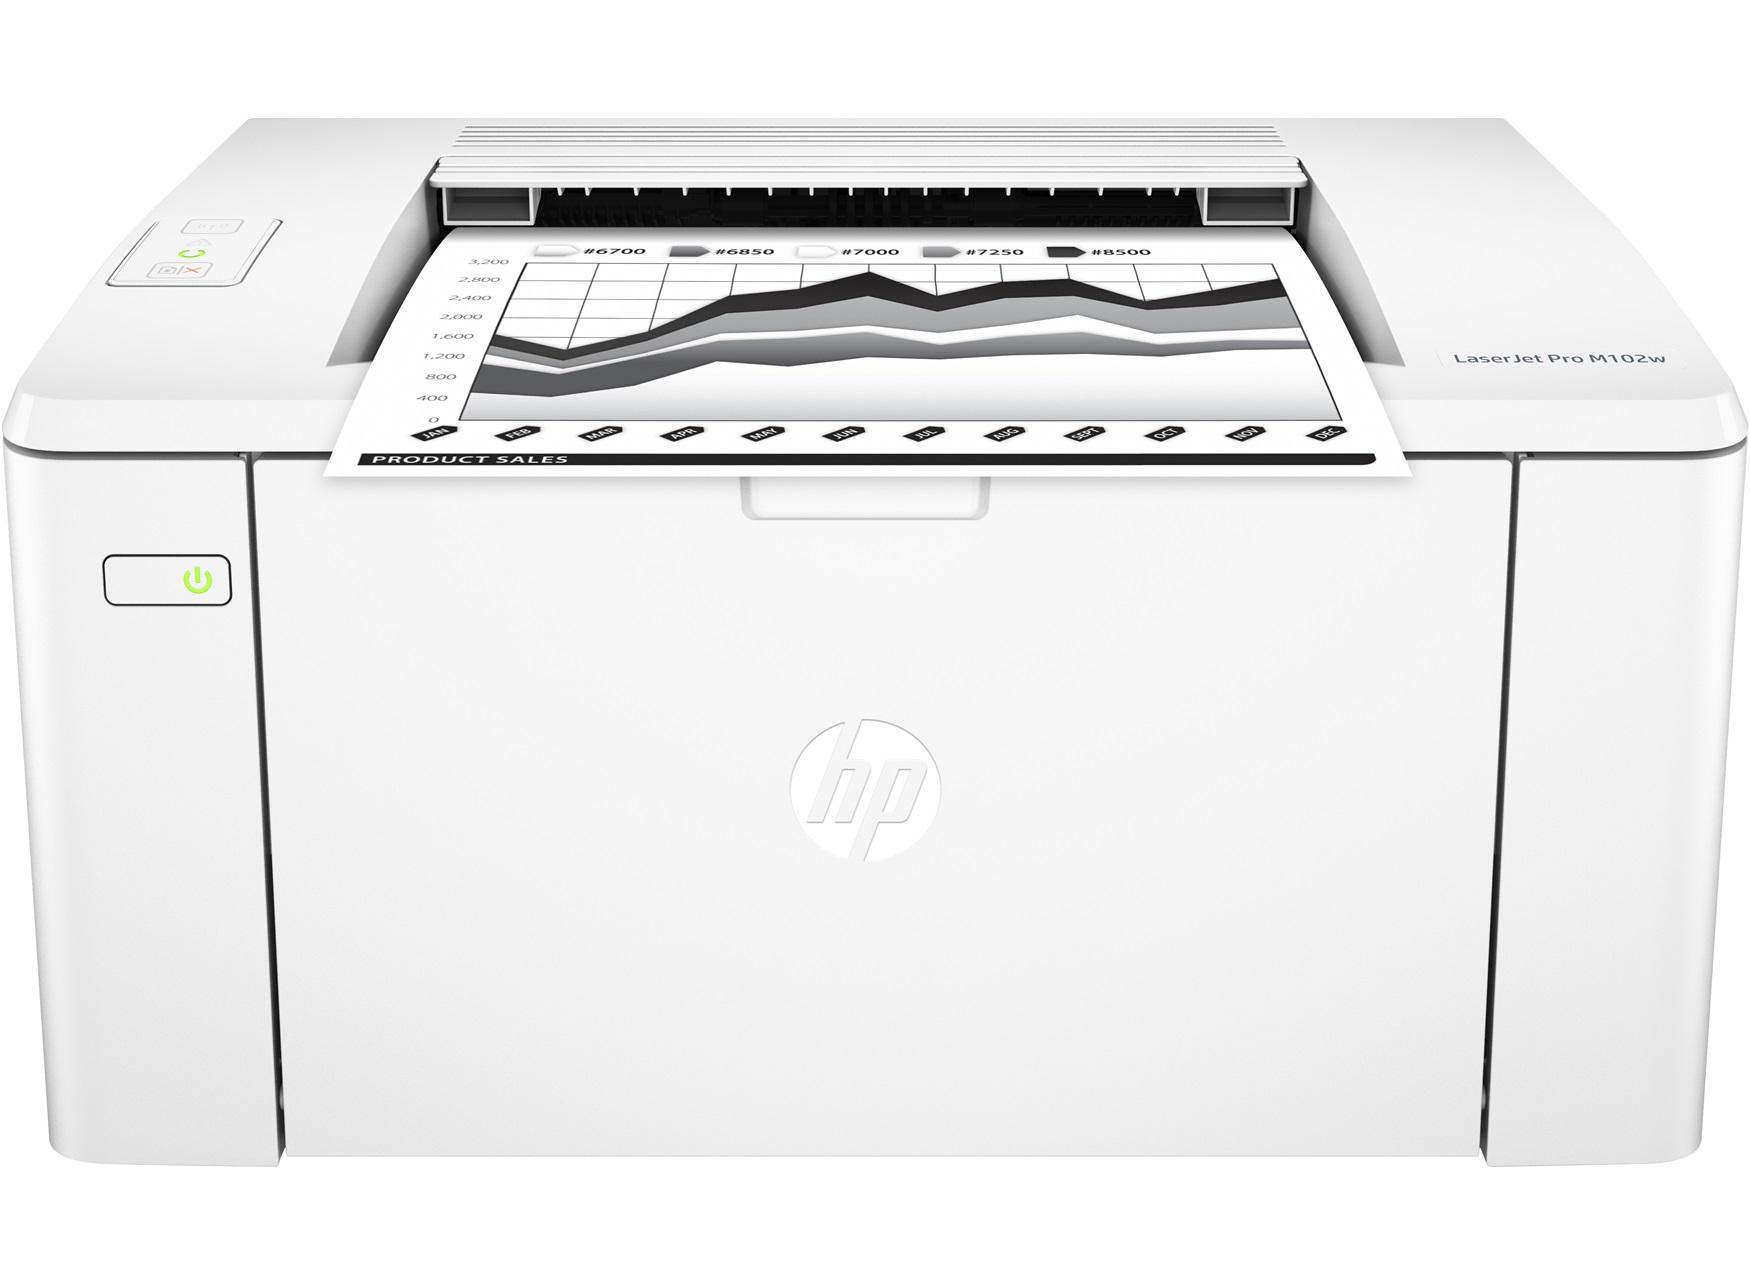 Принтер HP LaserJet Pro M102w Printer